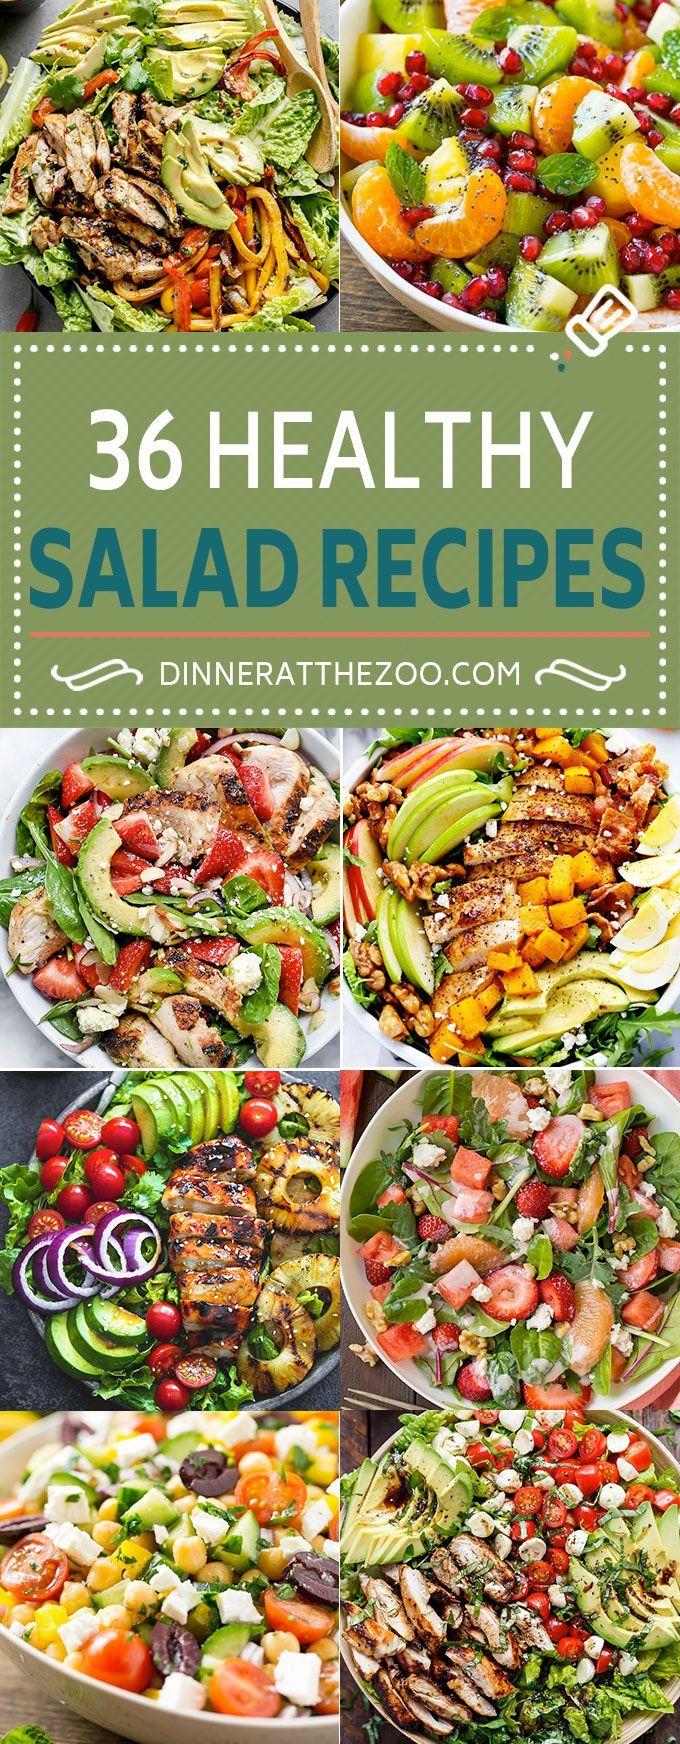 Diese gesunden Salatrezepte sind perfekt für alle, die ein bisschen mehr hinzuf…